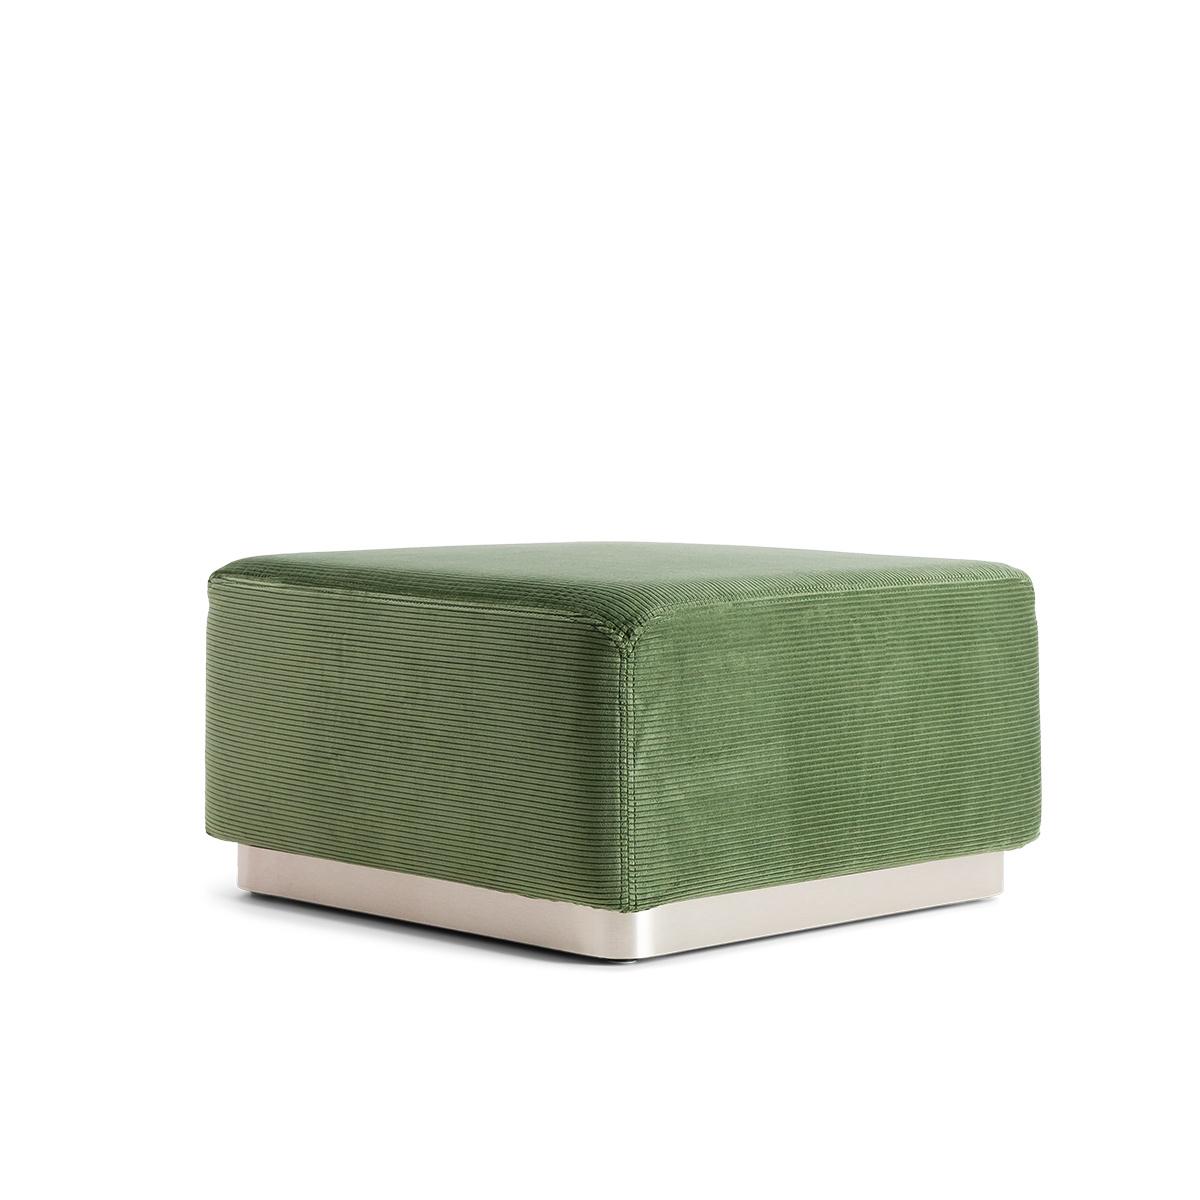 Pouf Rotondo velours côtelé vert amande